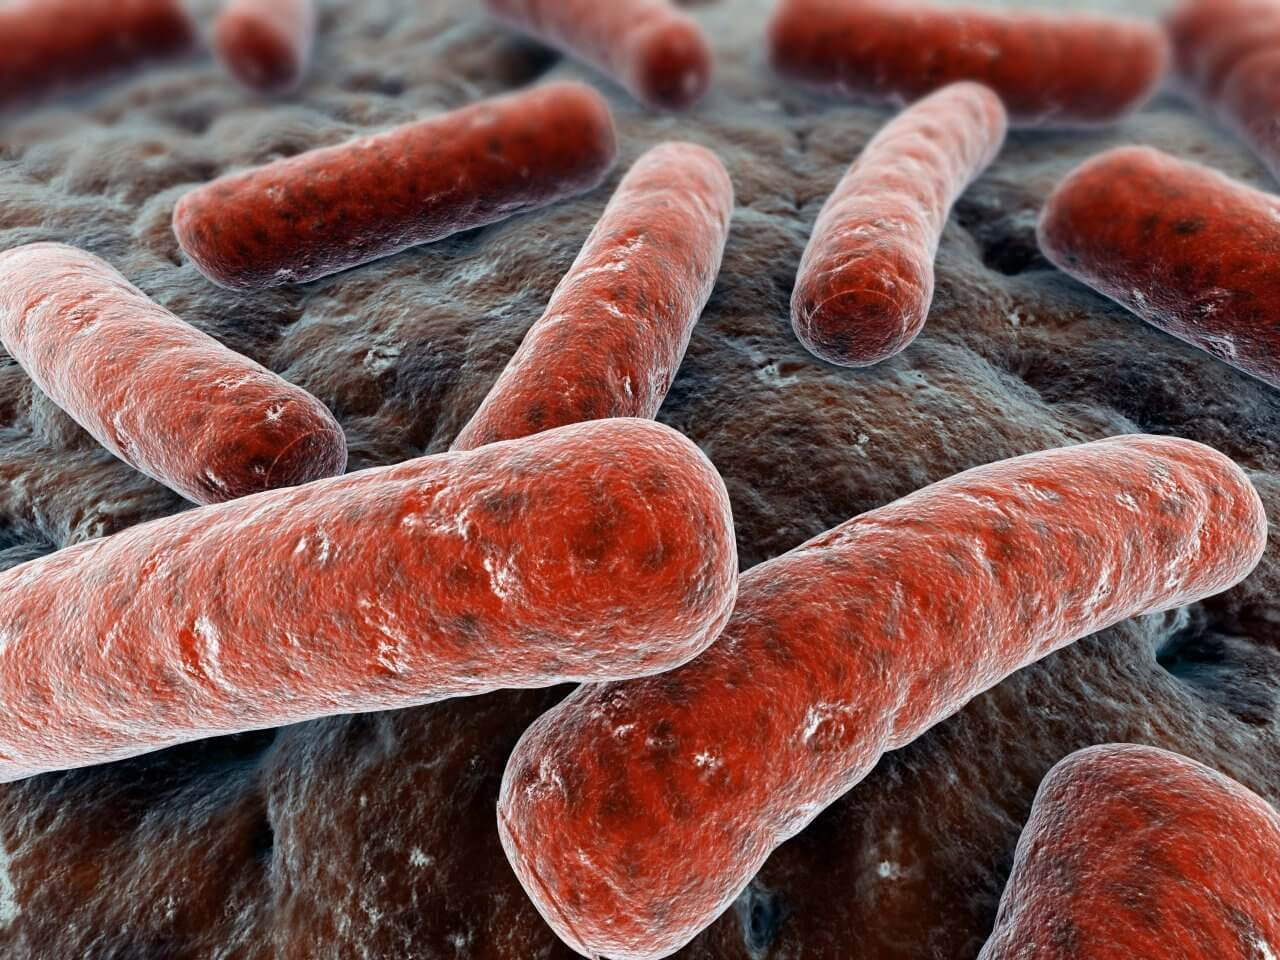 инфекции вызывают жжение в головке у мужчин